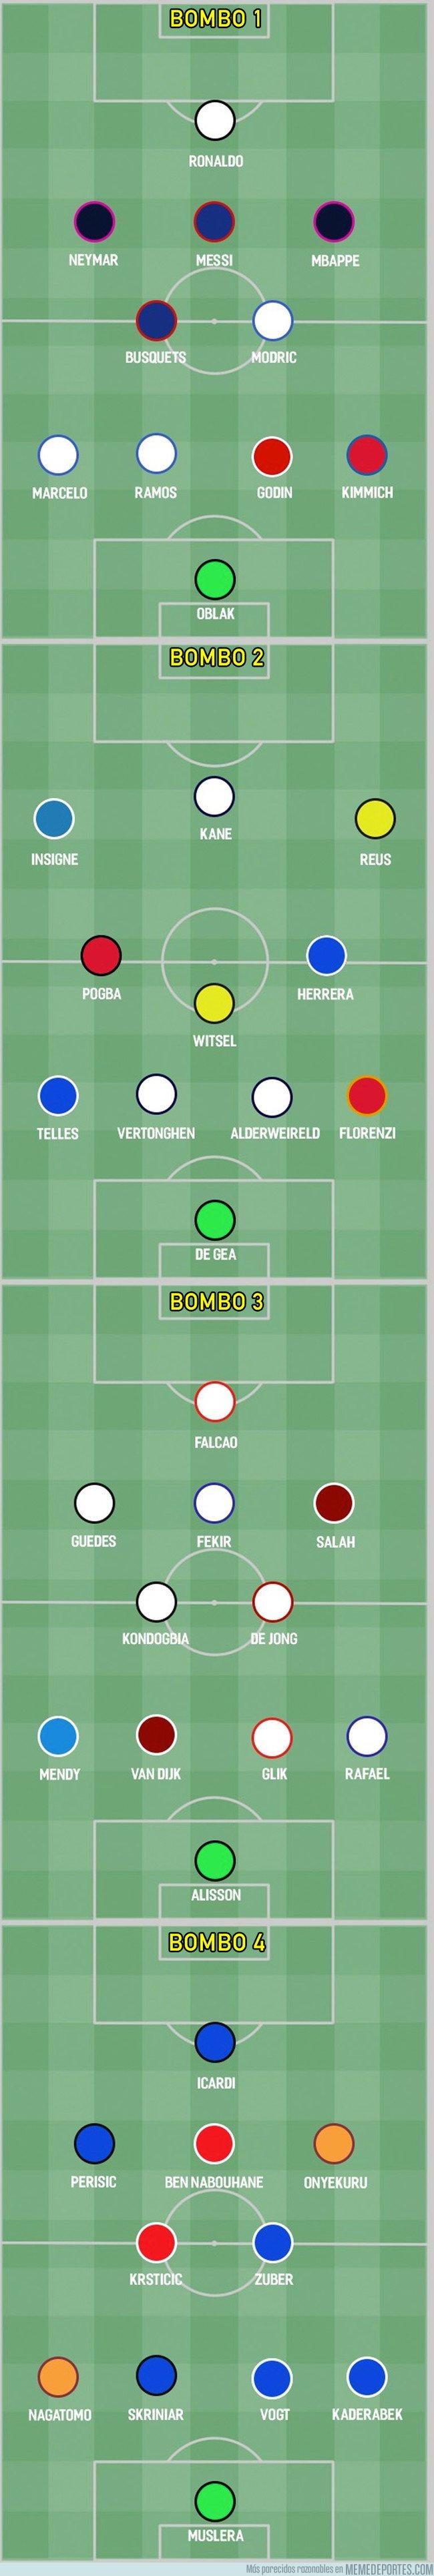 1048986 - Los mejores onces posible combinados para cada uno de los 4 bombos del sorteo de  Champions League